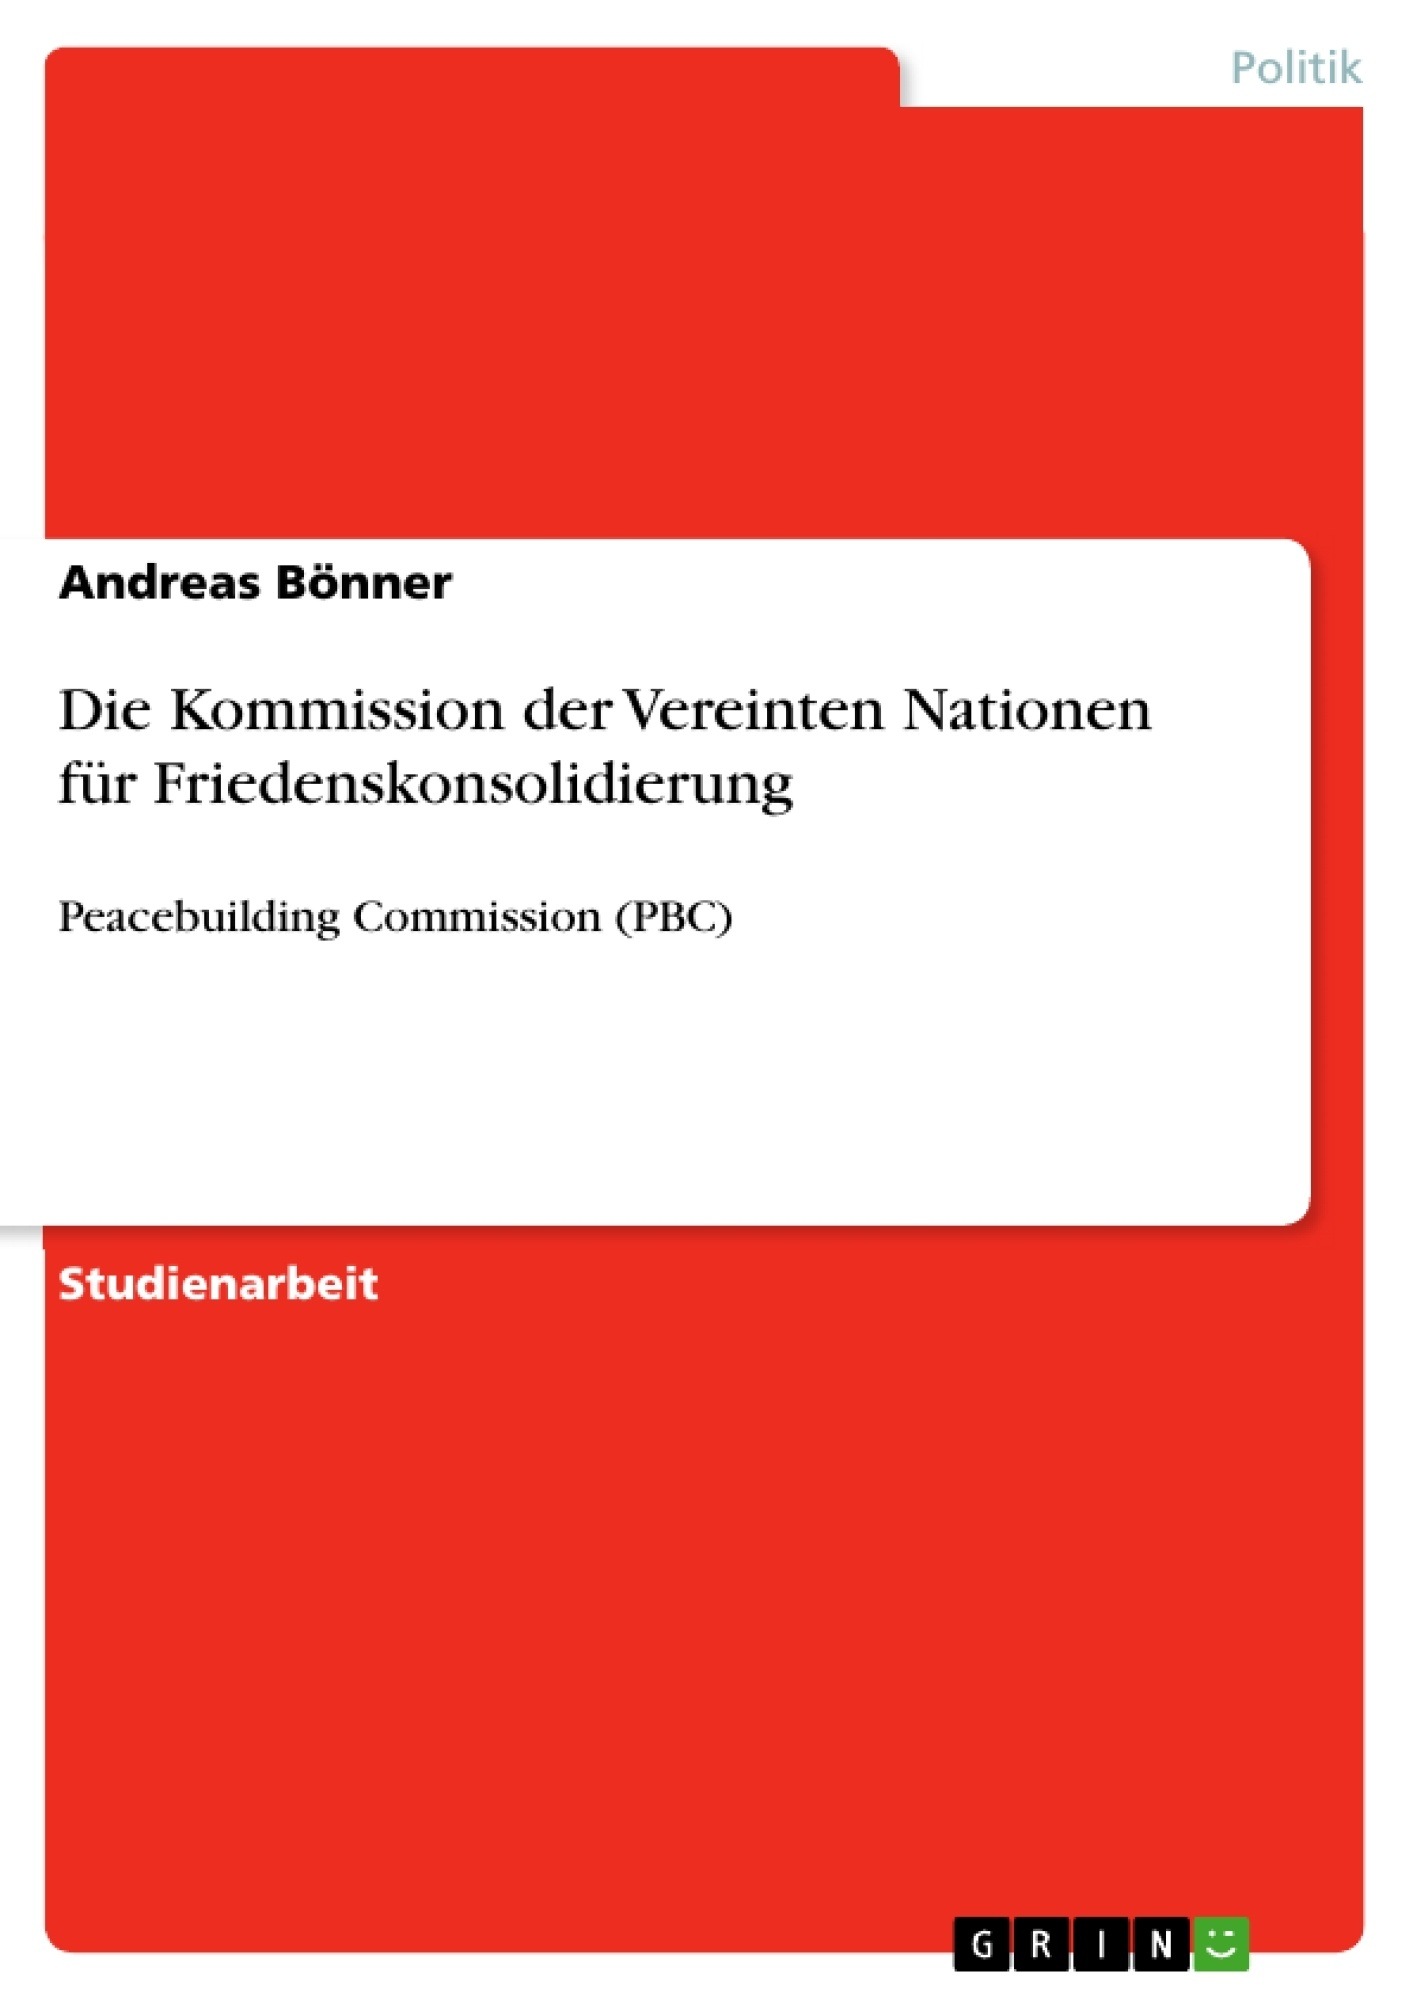 Titel: Die Kommission der Vereinten Nationen für Friedenskonsolidierung